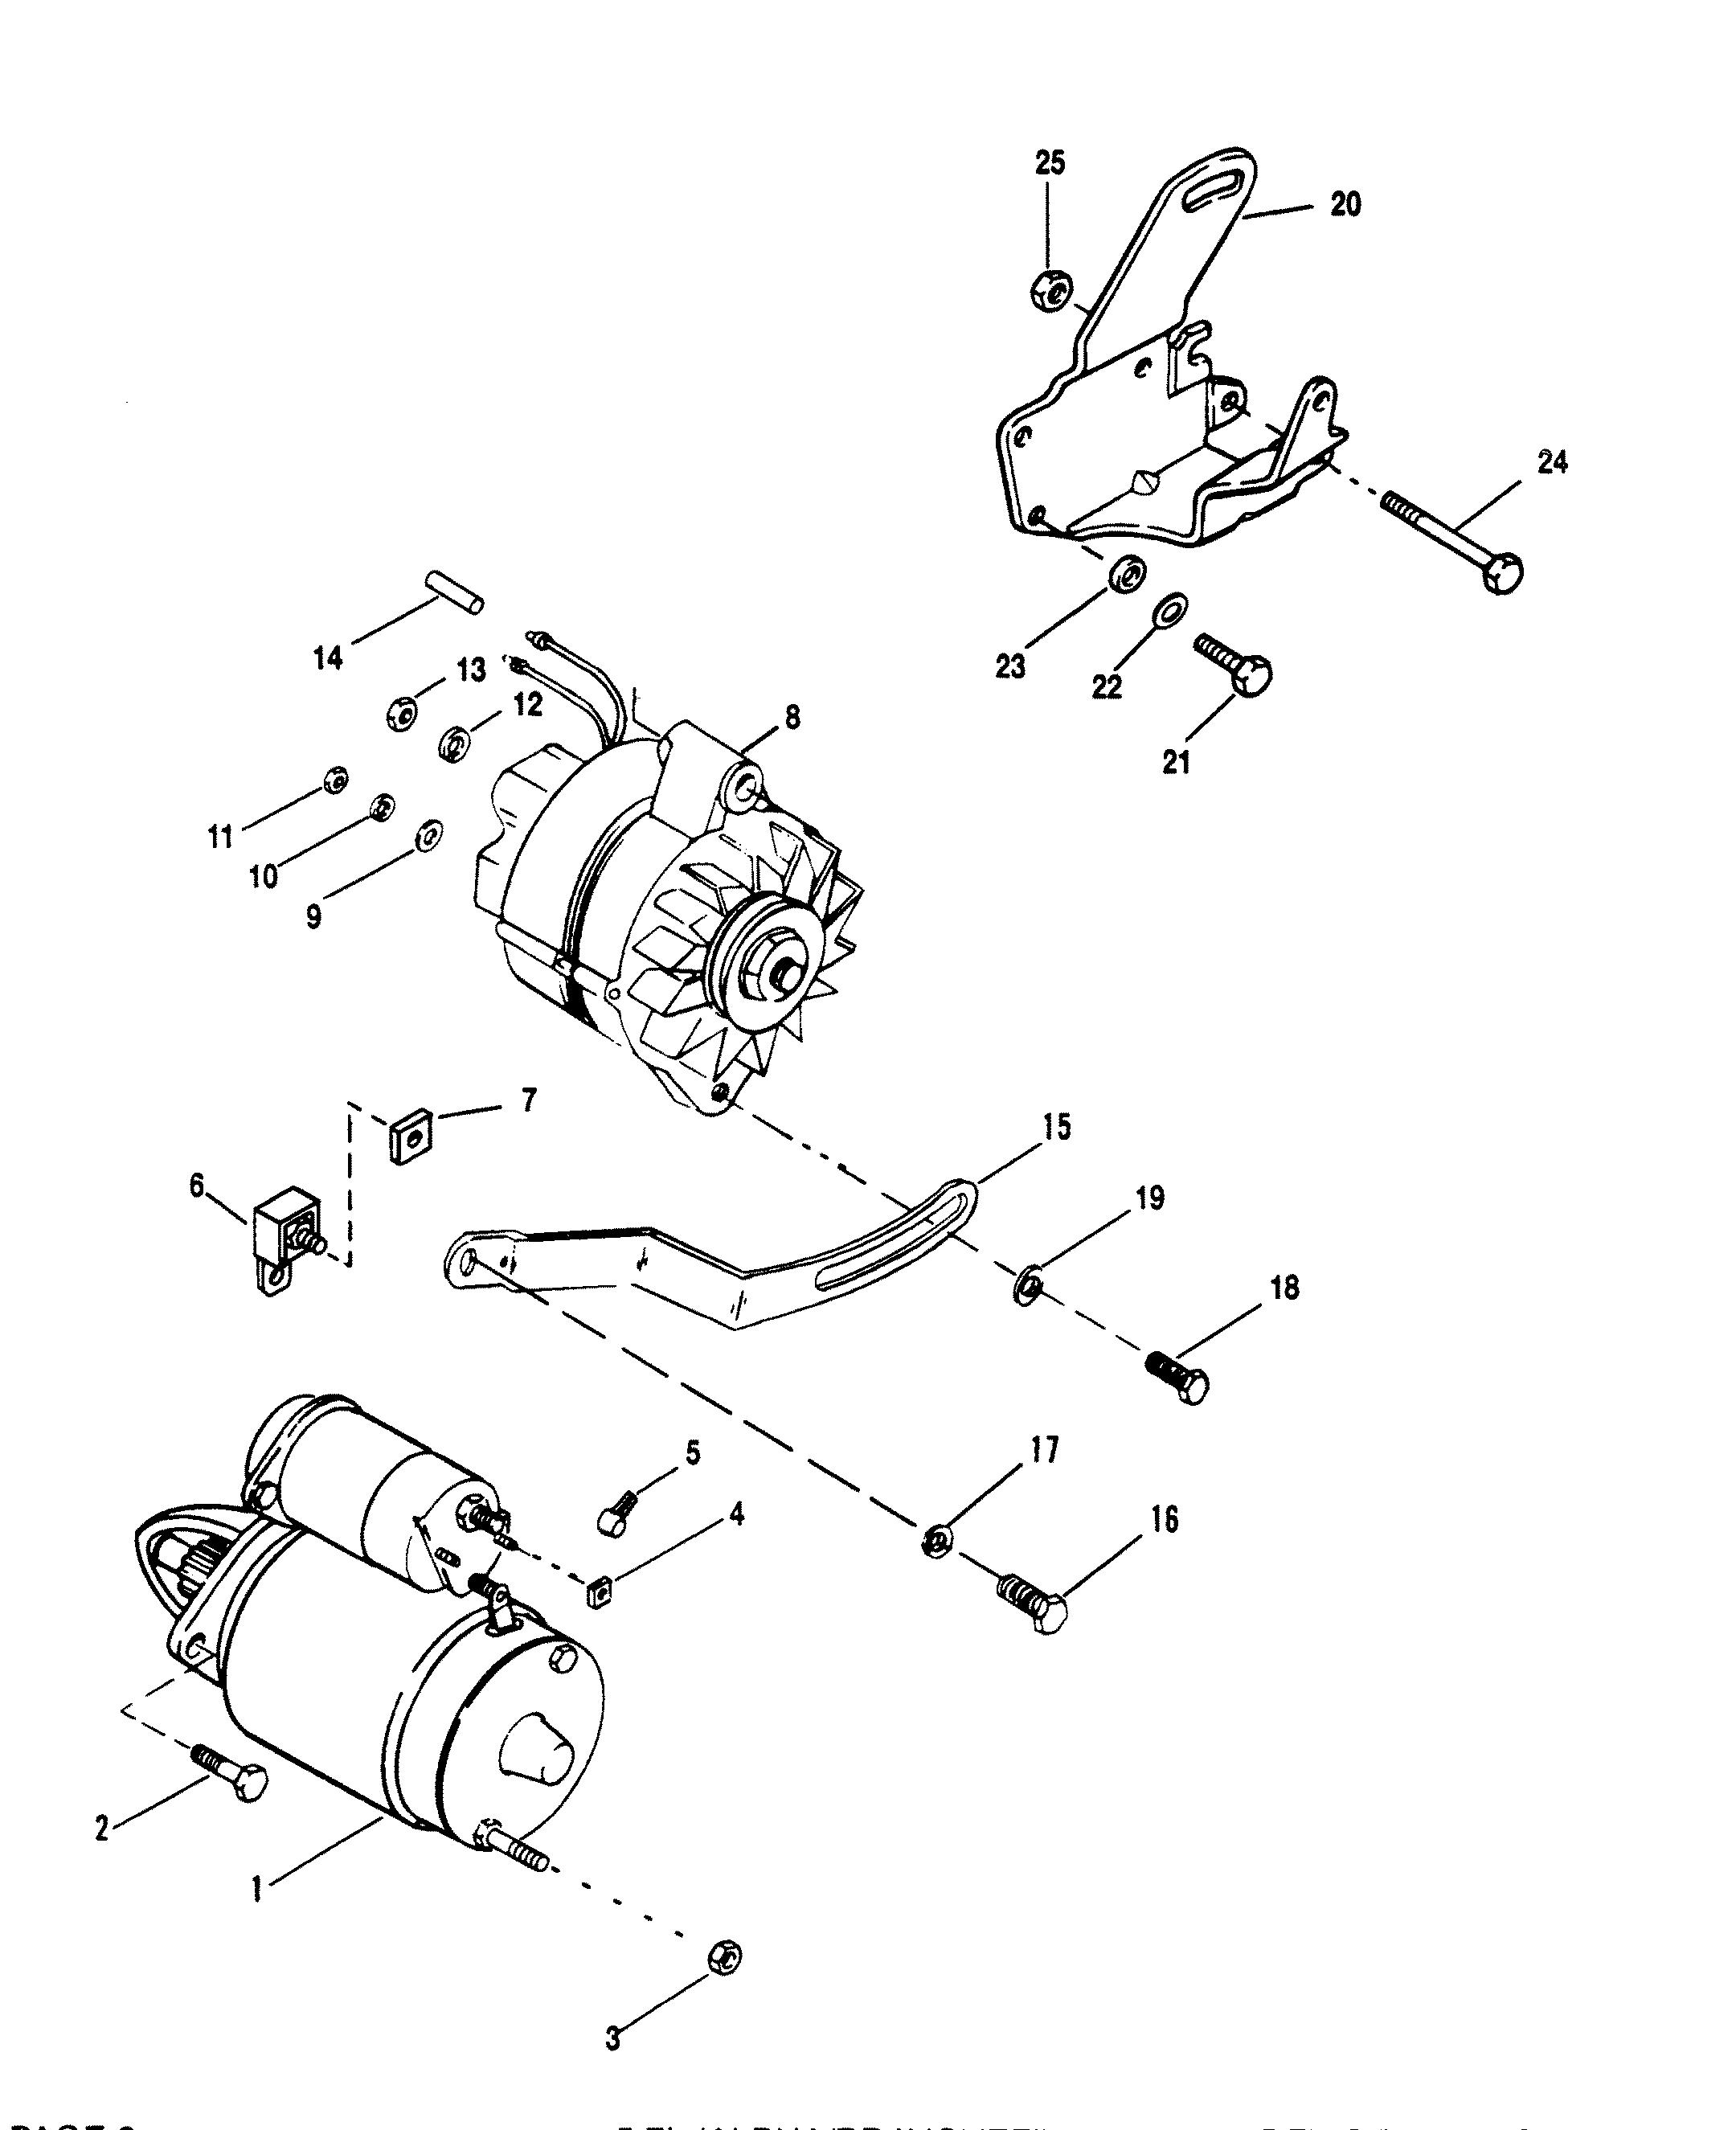 3 0 Mercruiser Wiring Diagram Diagrams 5 Tachometer 454 Starter